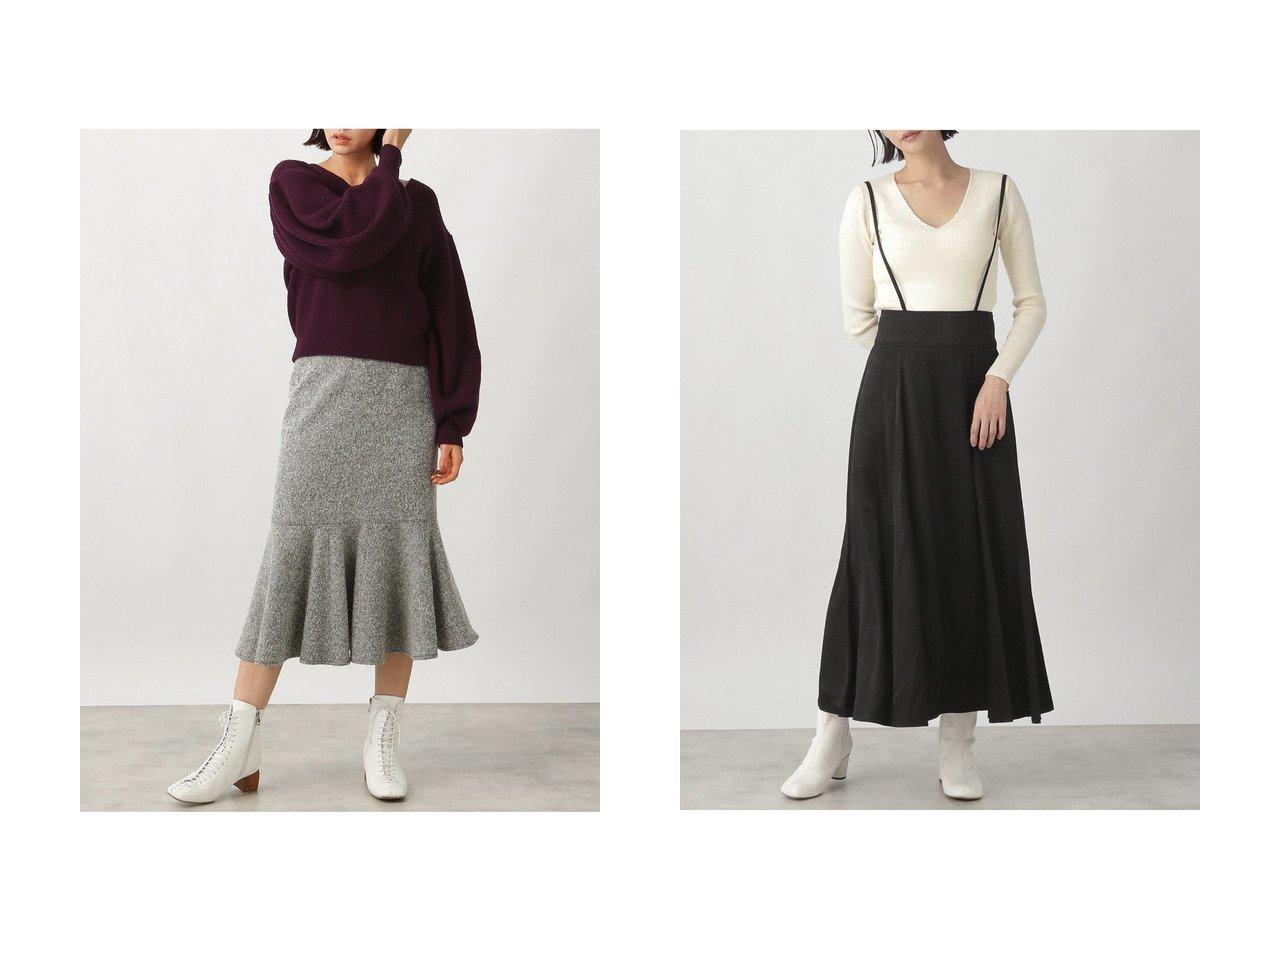 【Ezick/エジック】のマーメイドツイードスカート&ハイウエストサテンスカート 【スカート】おすすめ!人気、トレンド・レディースファッションの通販 おすすめで人気の流行・トレンド、ファッションの通販商品 インテリア・家具・メンズファッション・キッズファッション・レディースファッション・服の通販 founy(ファニー) https://founy.com/ ファッション Fashion レディースファッション WOMEN スカート Skirt ロングスカート Long Skirt サスペンダー サテン ドレープ フレア ロング 冬 Winter ショート フェミニン ヘリンボーン マーメイド |ID:crp329100000070200